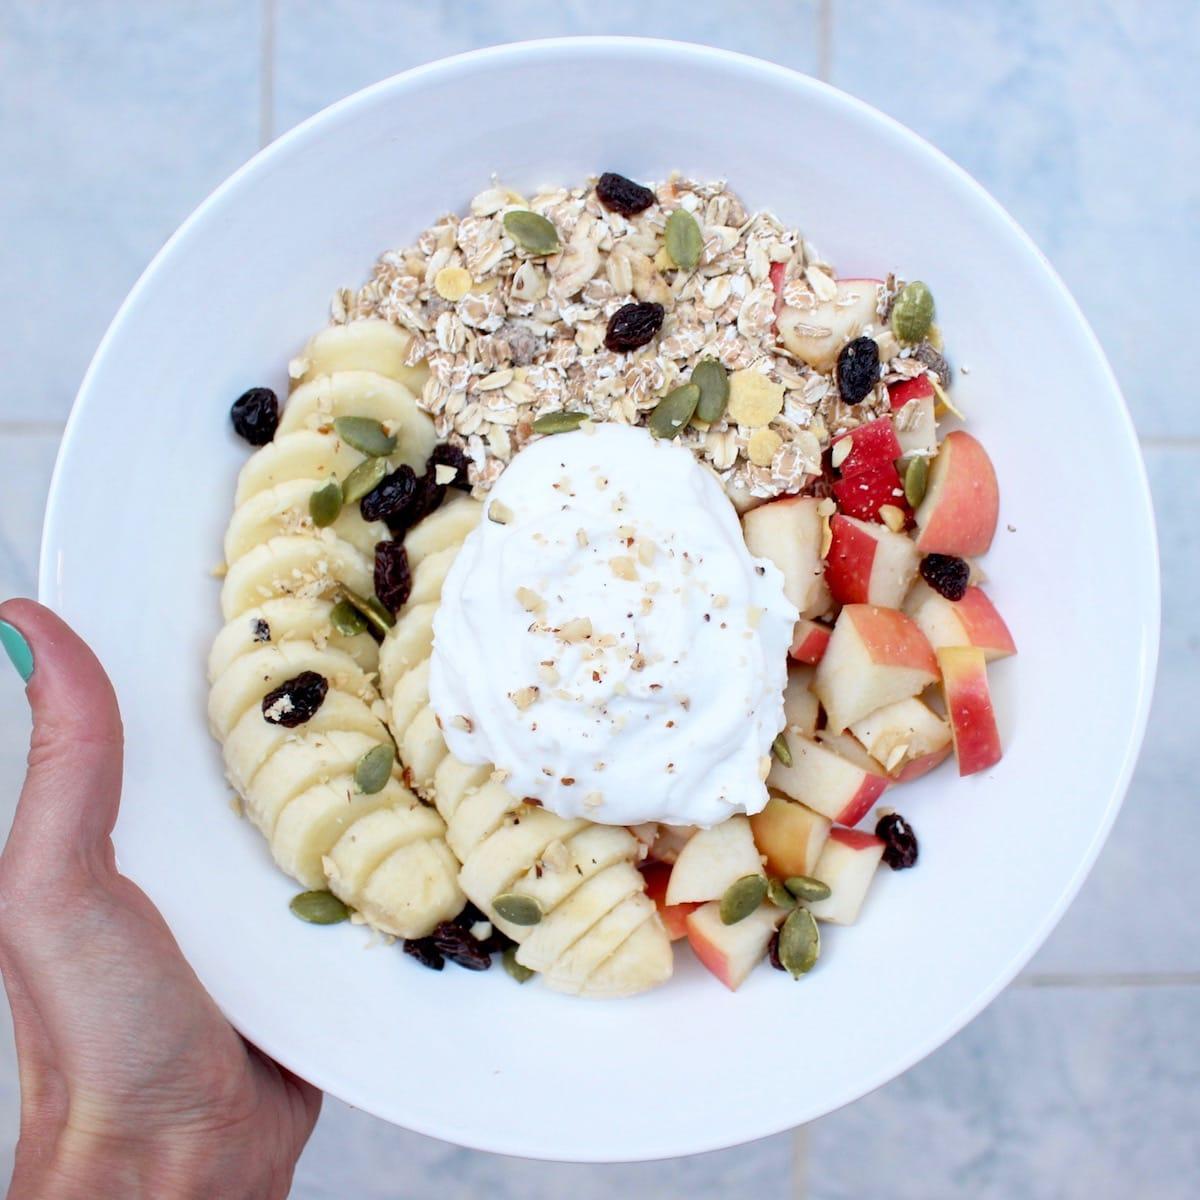 coconut yogurt and muesli bowl